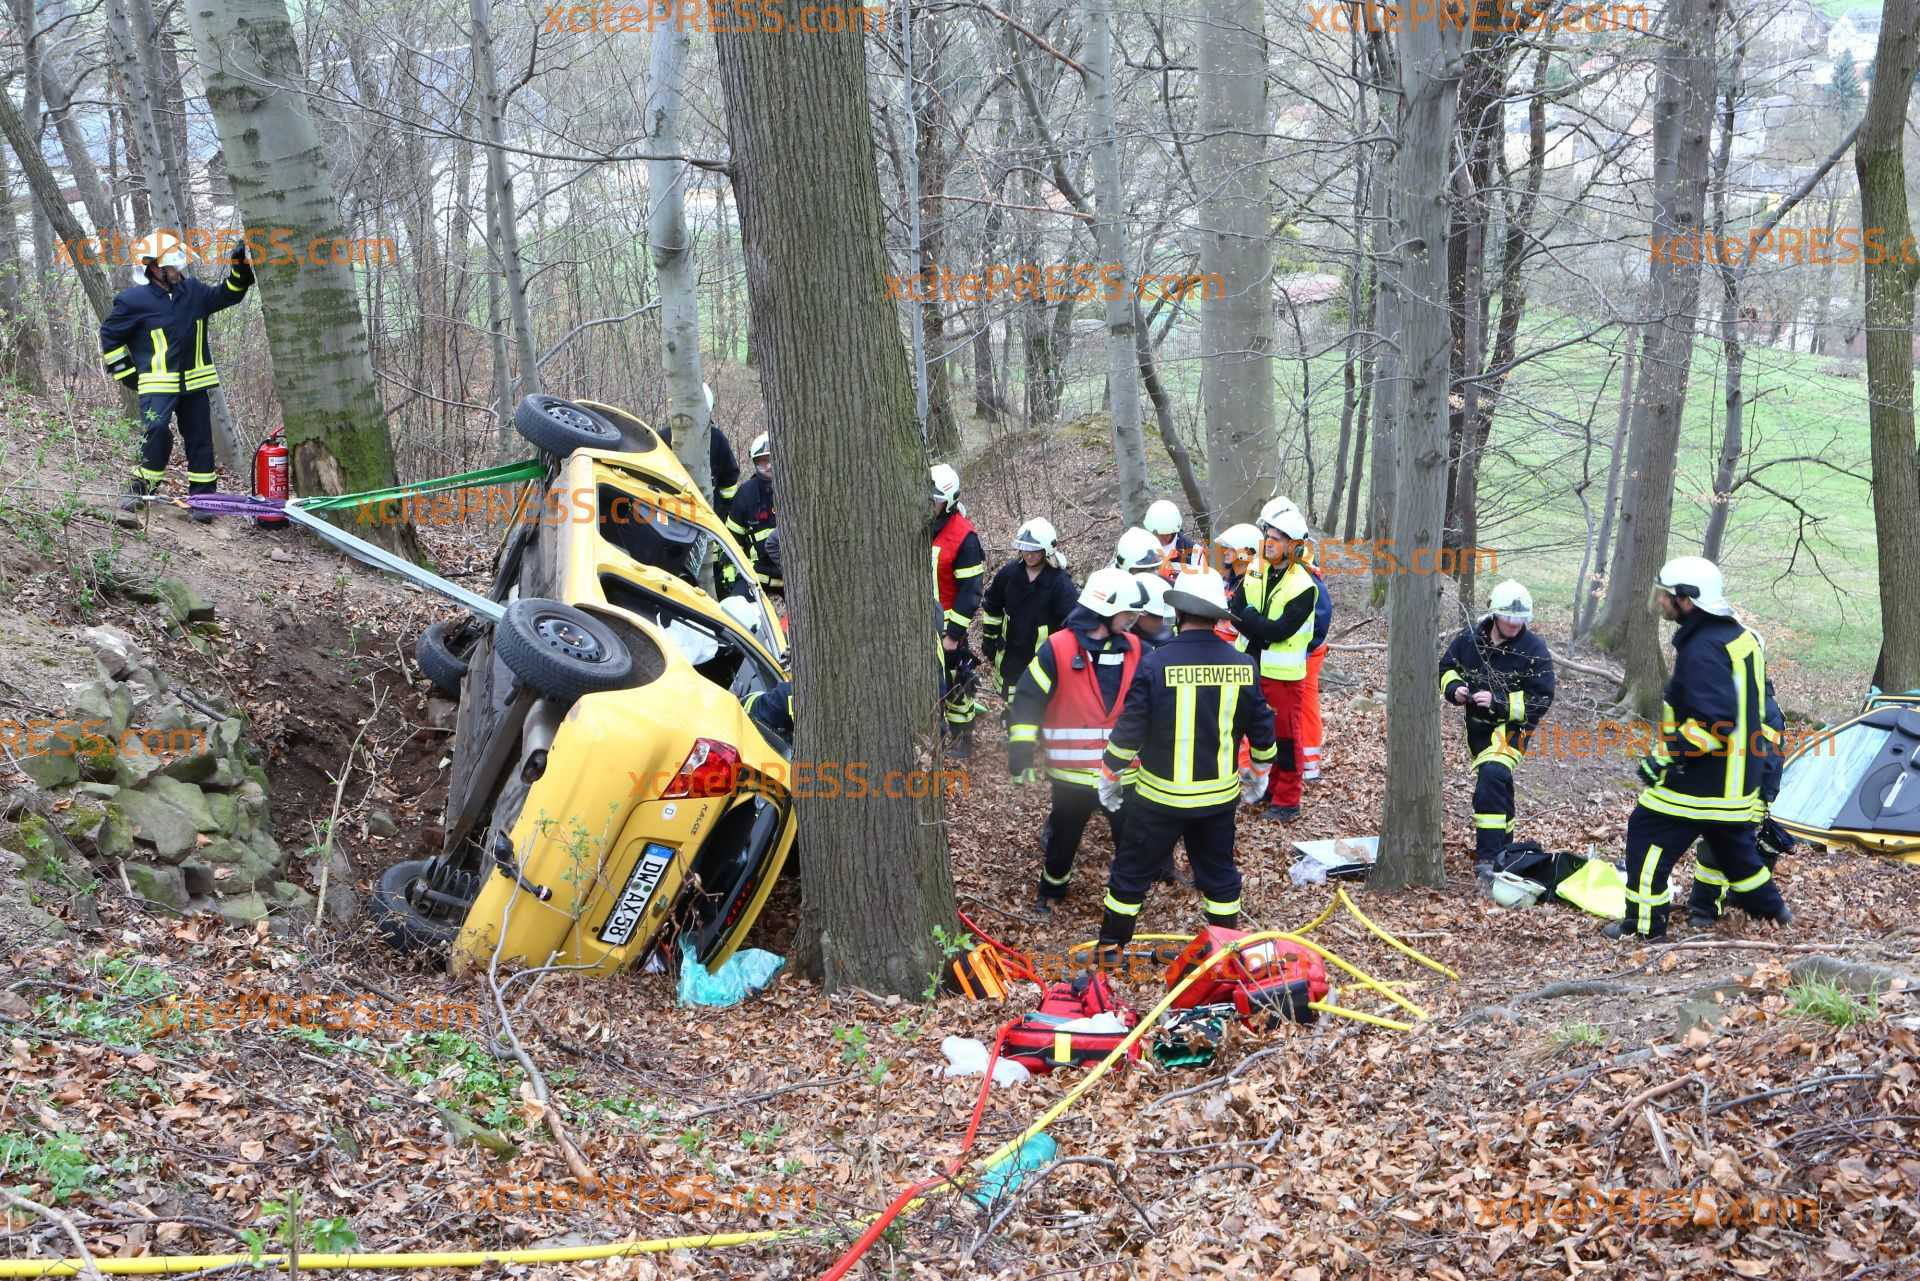 Auf gesperrter Strasse! Auto kracht in Baumgruppe: Feuerwehr muss Fahrer befreien